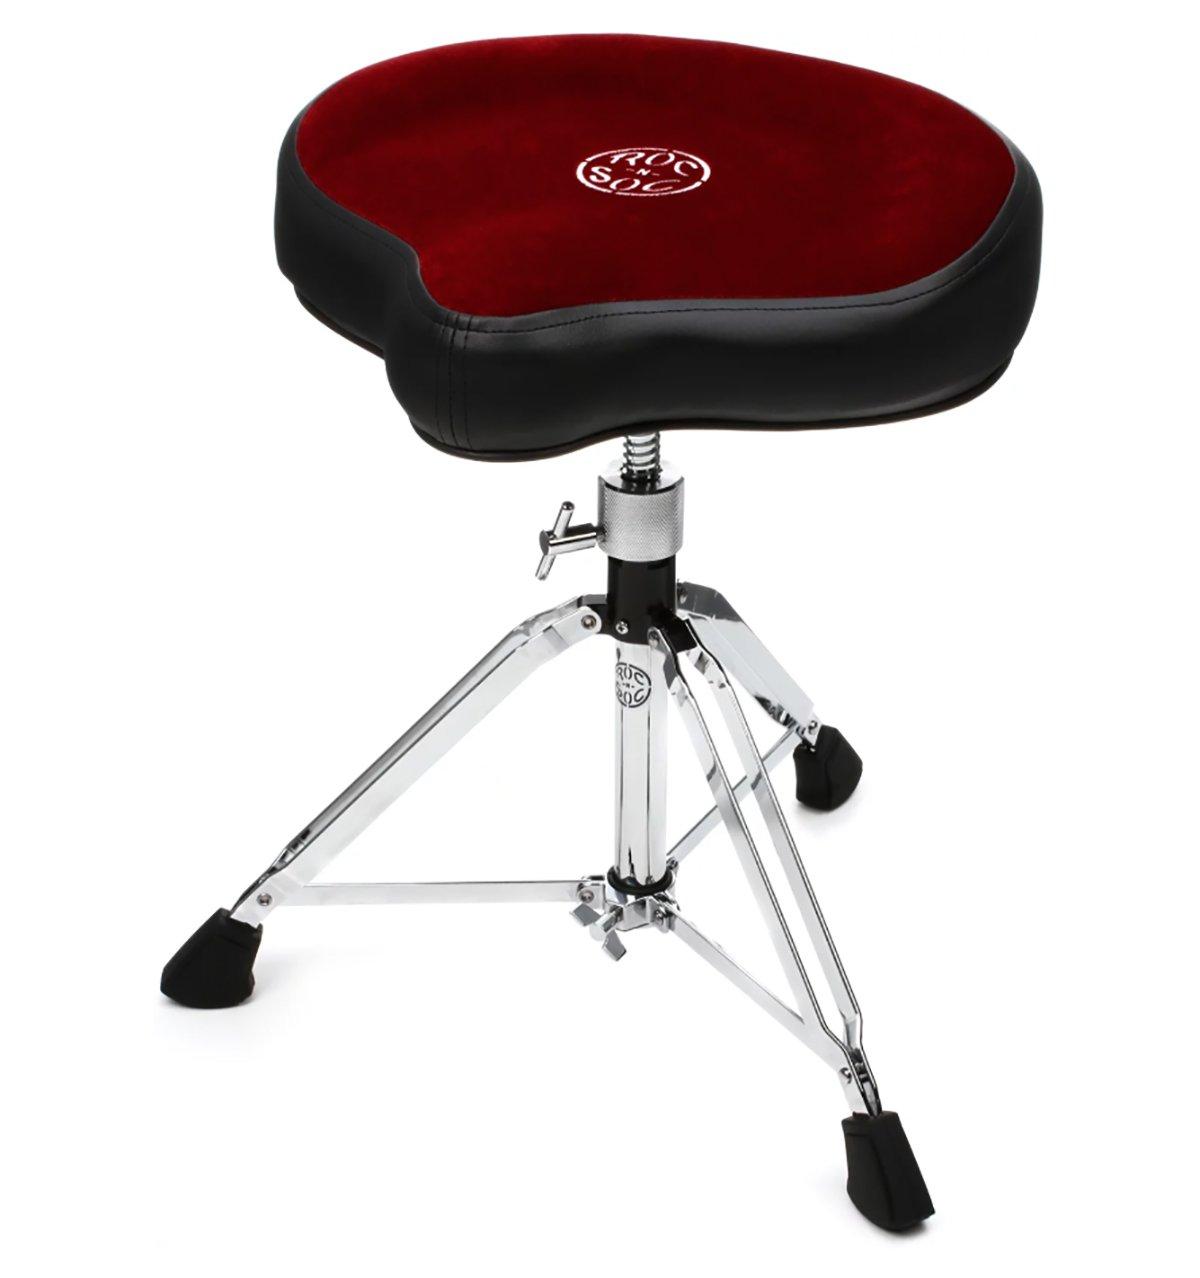 Roc-N-Soc Nitro Hydraulic Saddle Seat Drum Throne Red